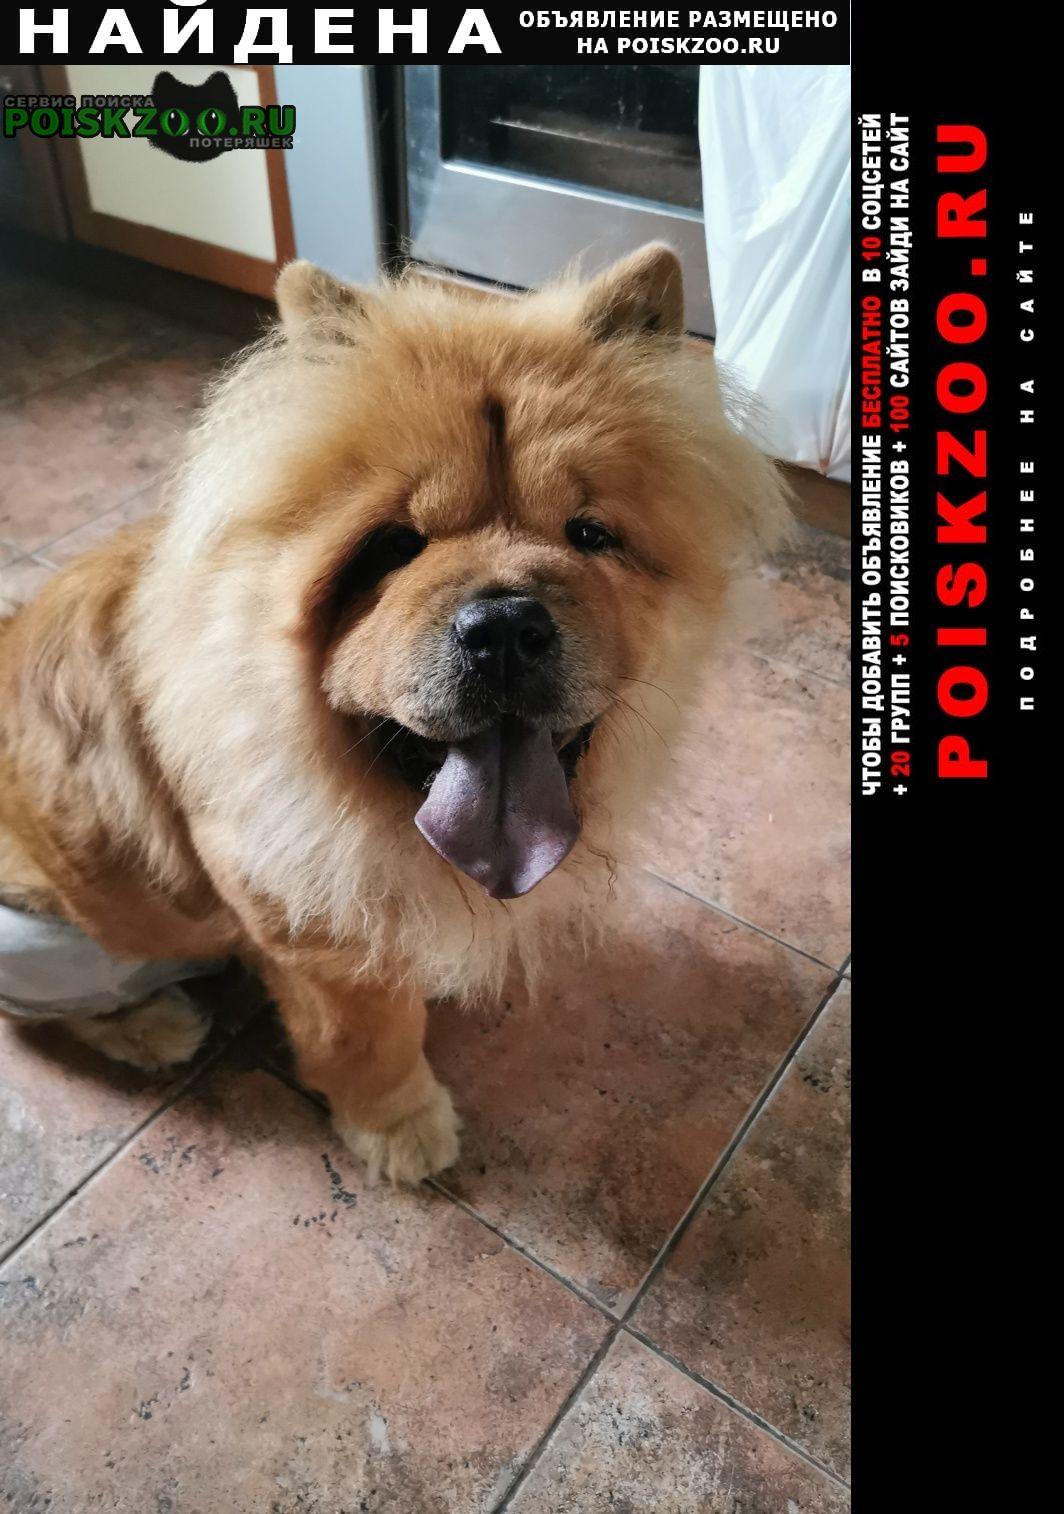 Найдена собака чау-чау Москва